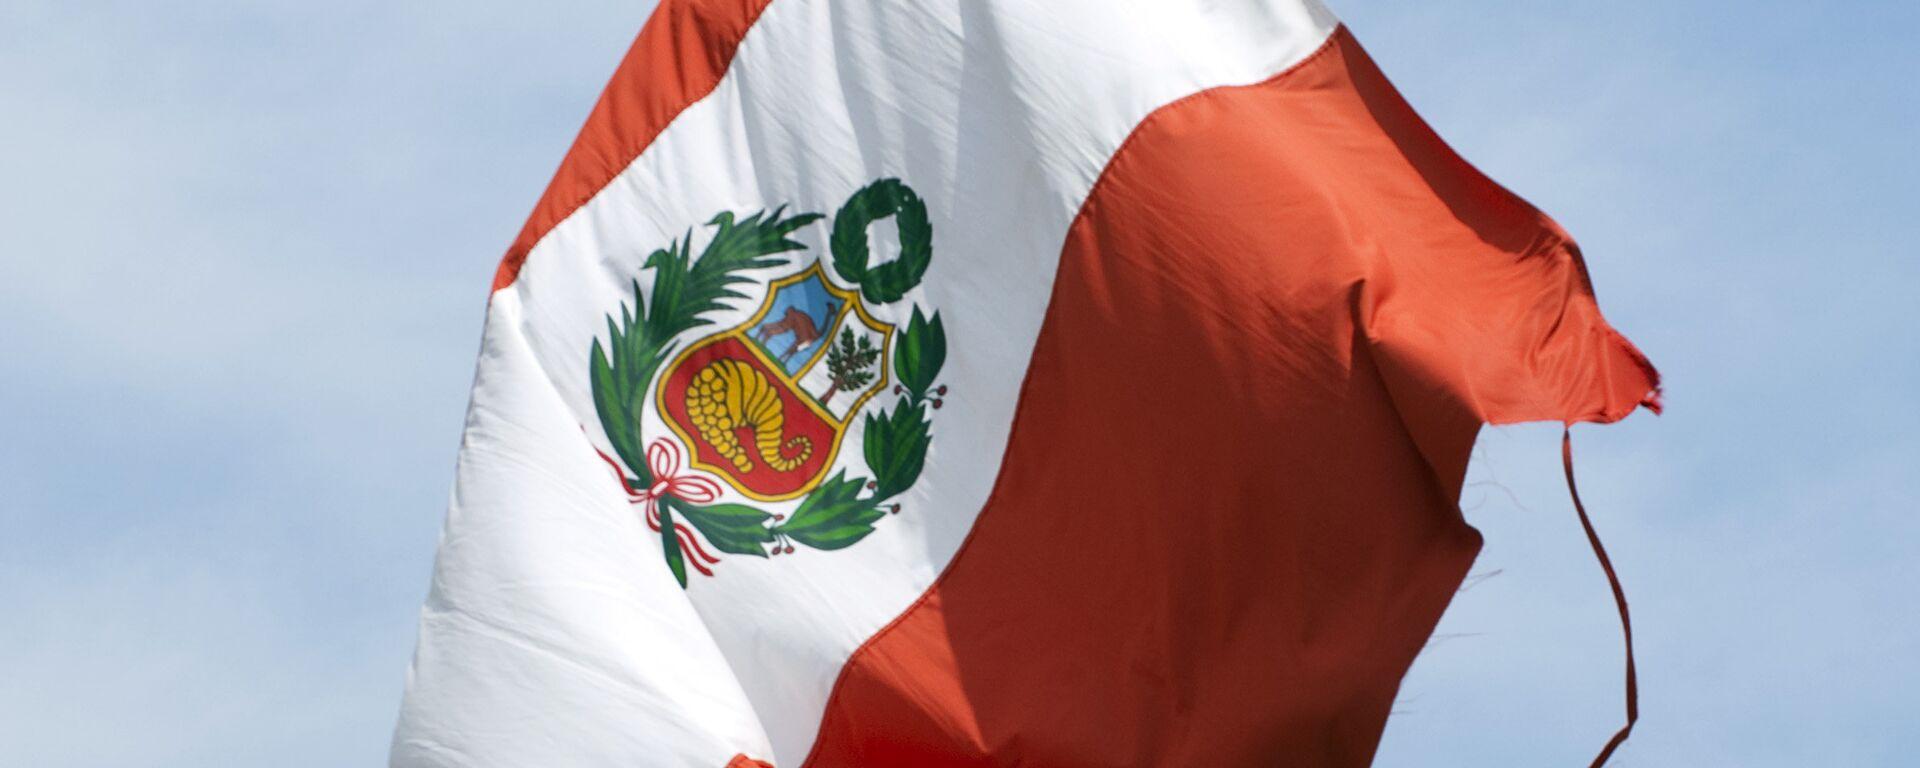 La bandera de Perú - Sputnik Mundo, 1920, 23.04.2021